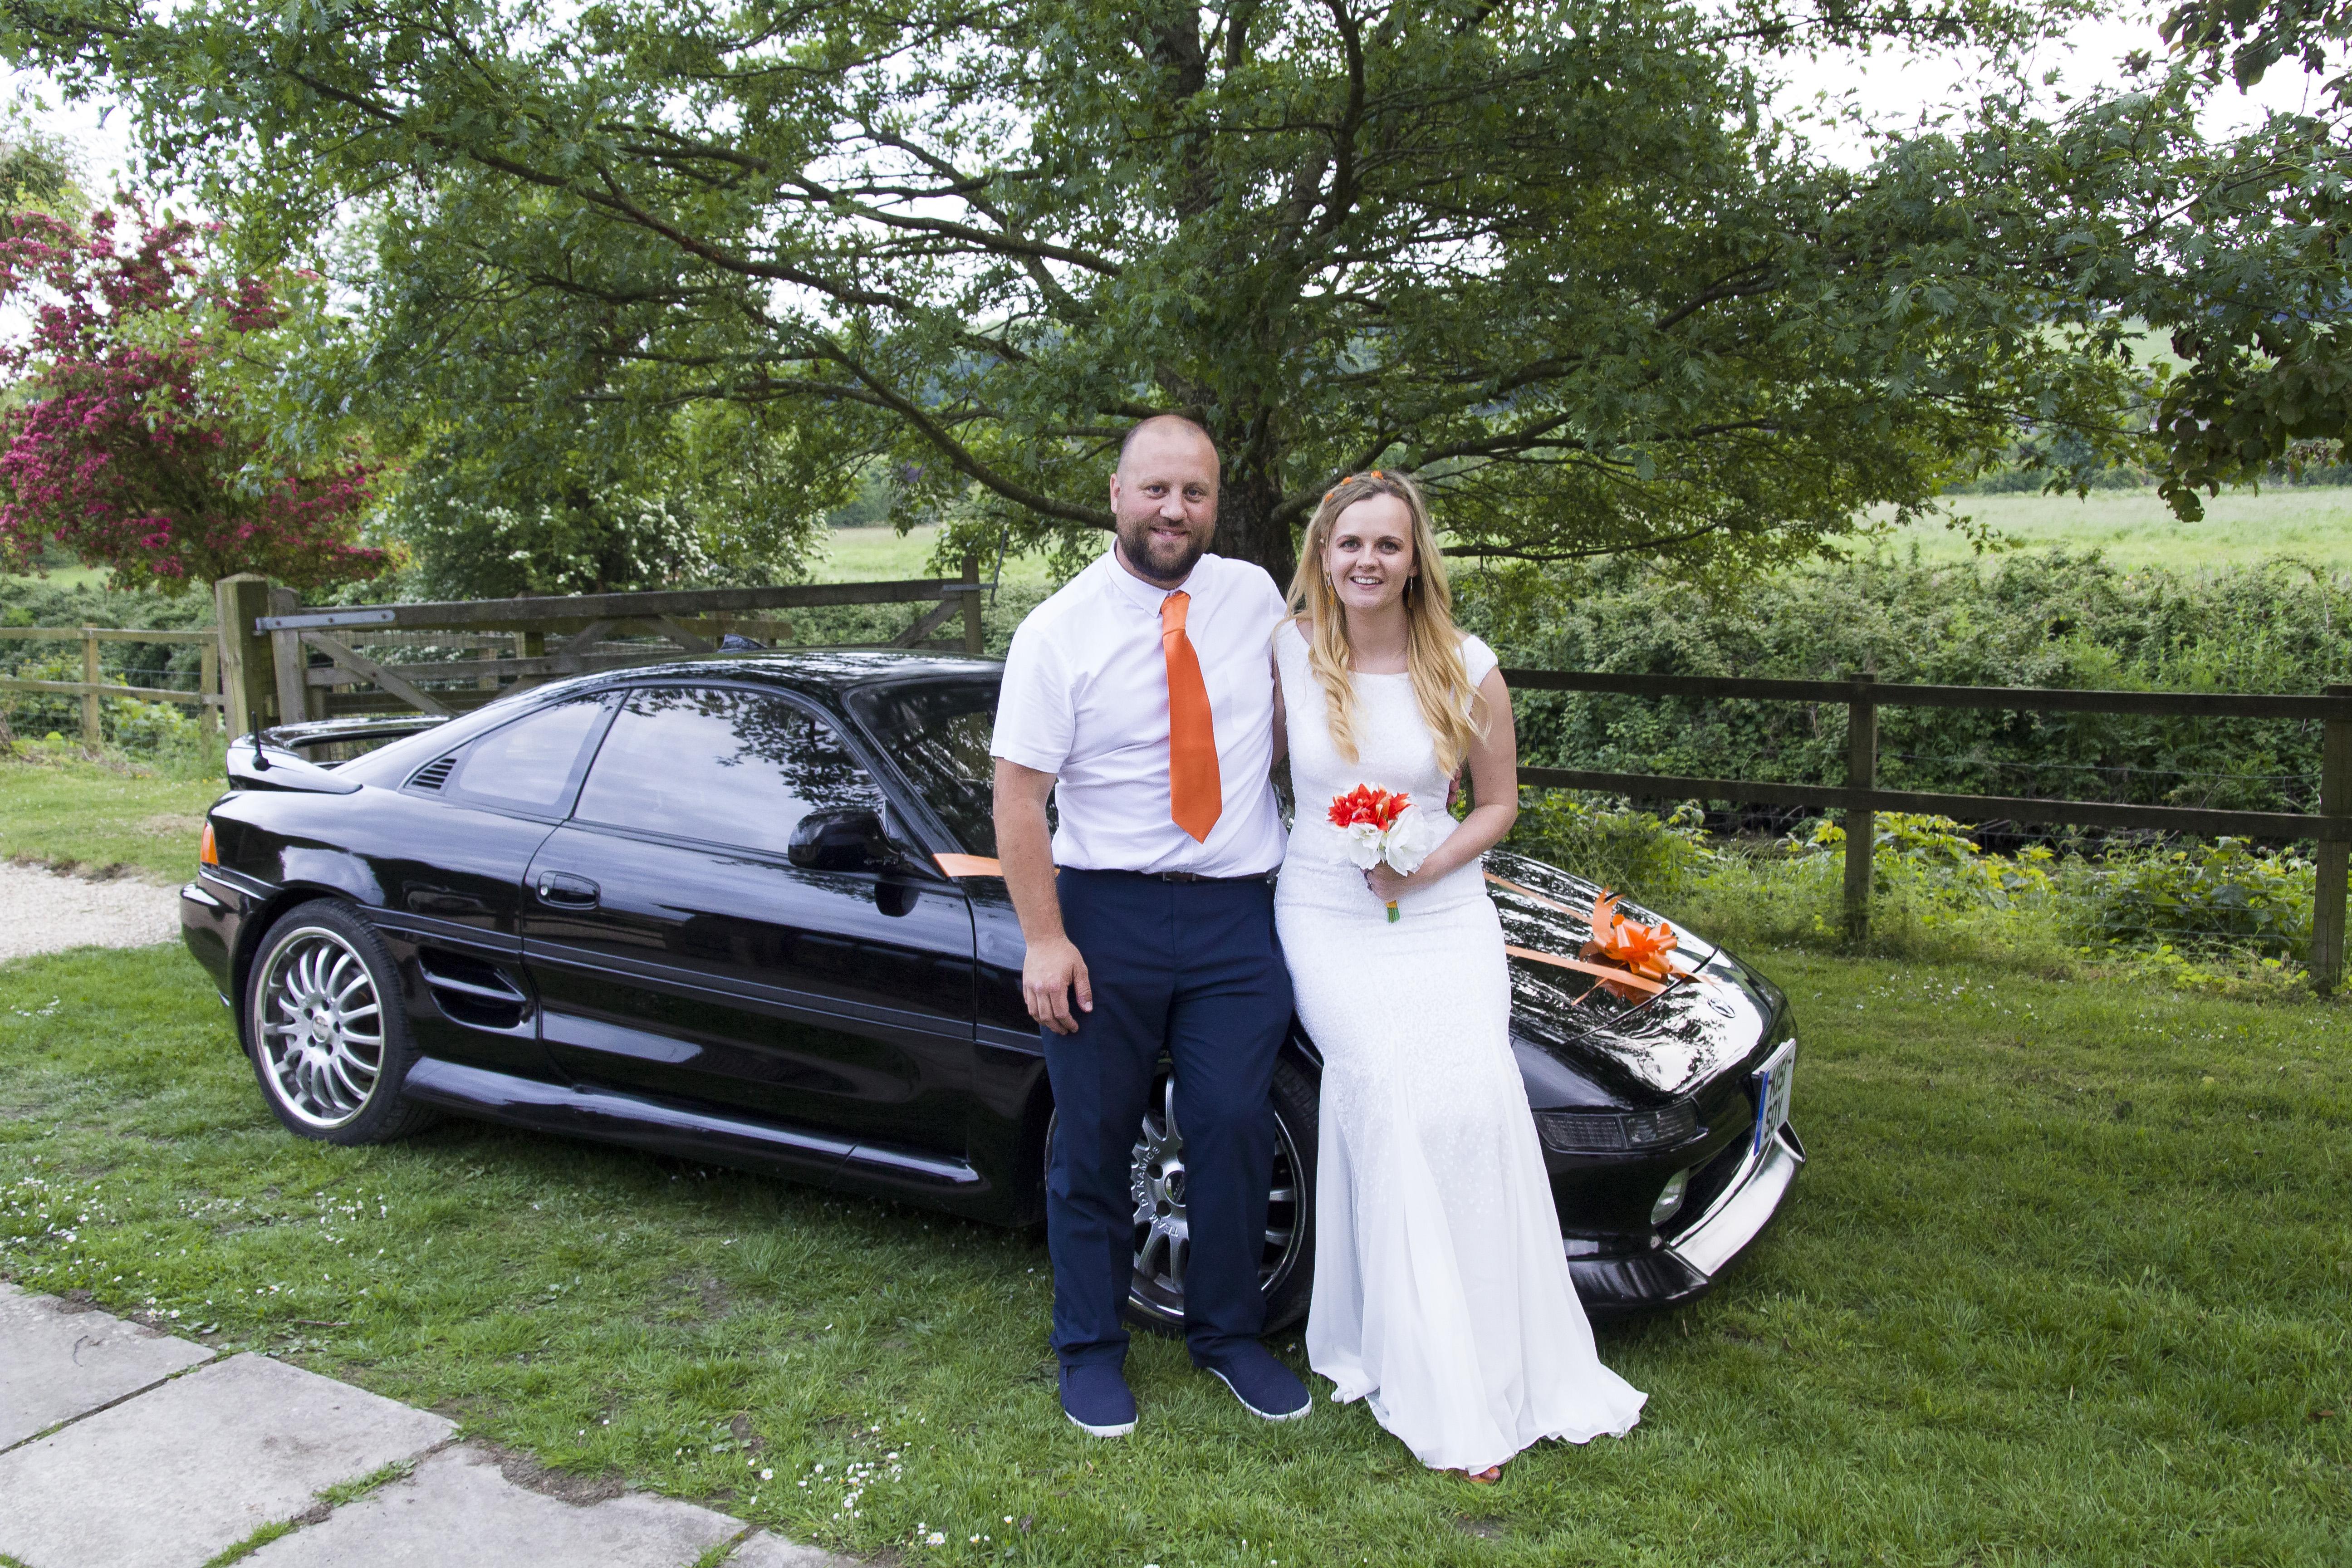 wedding day wedding car mr2